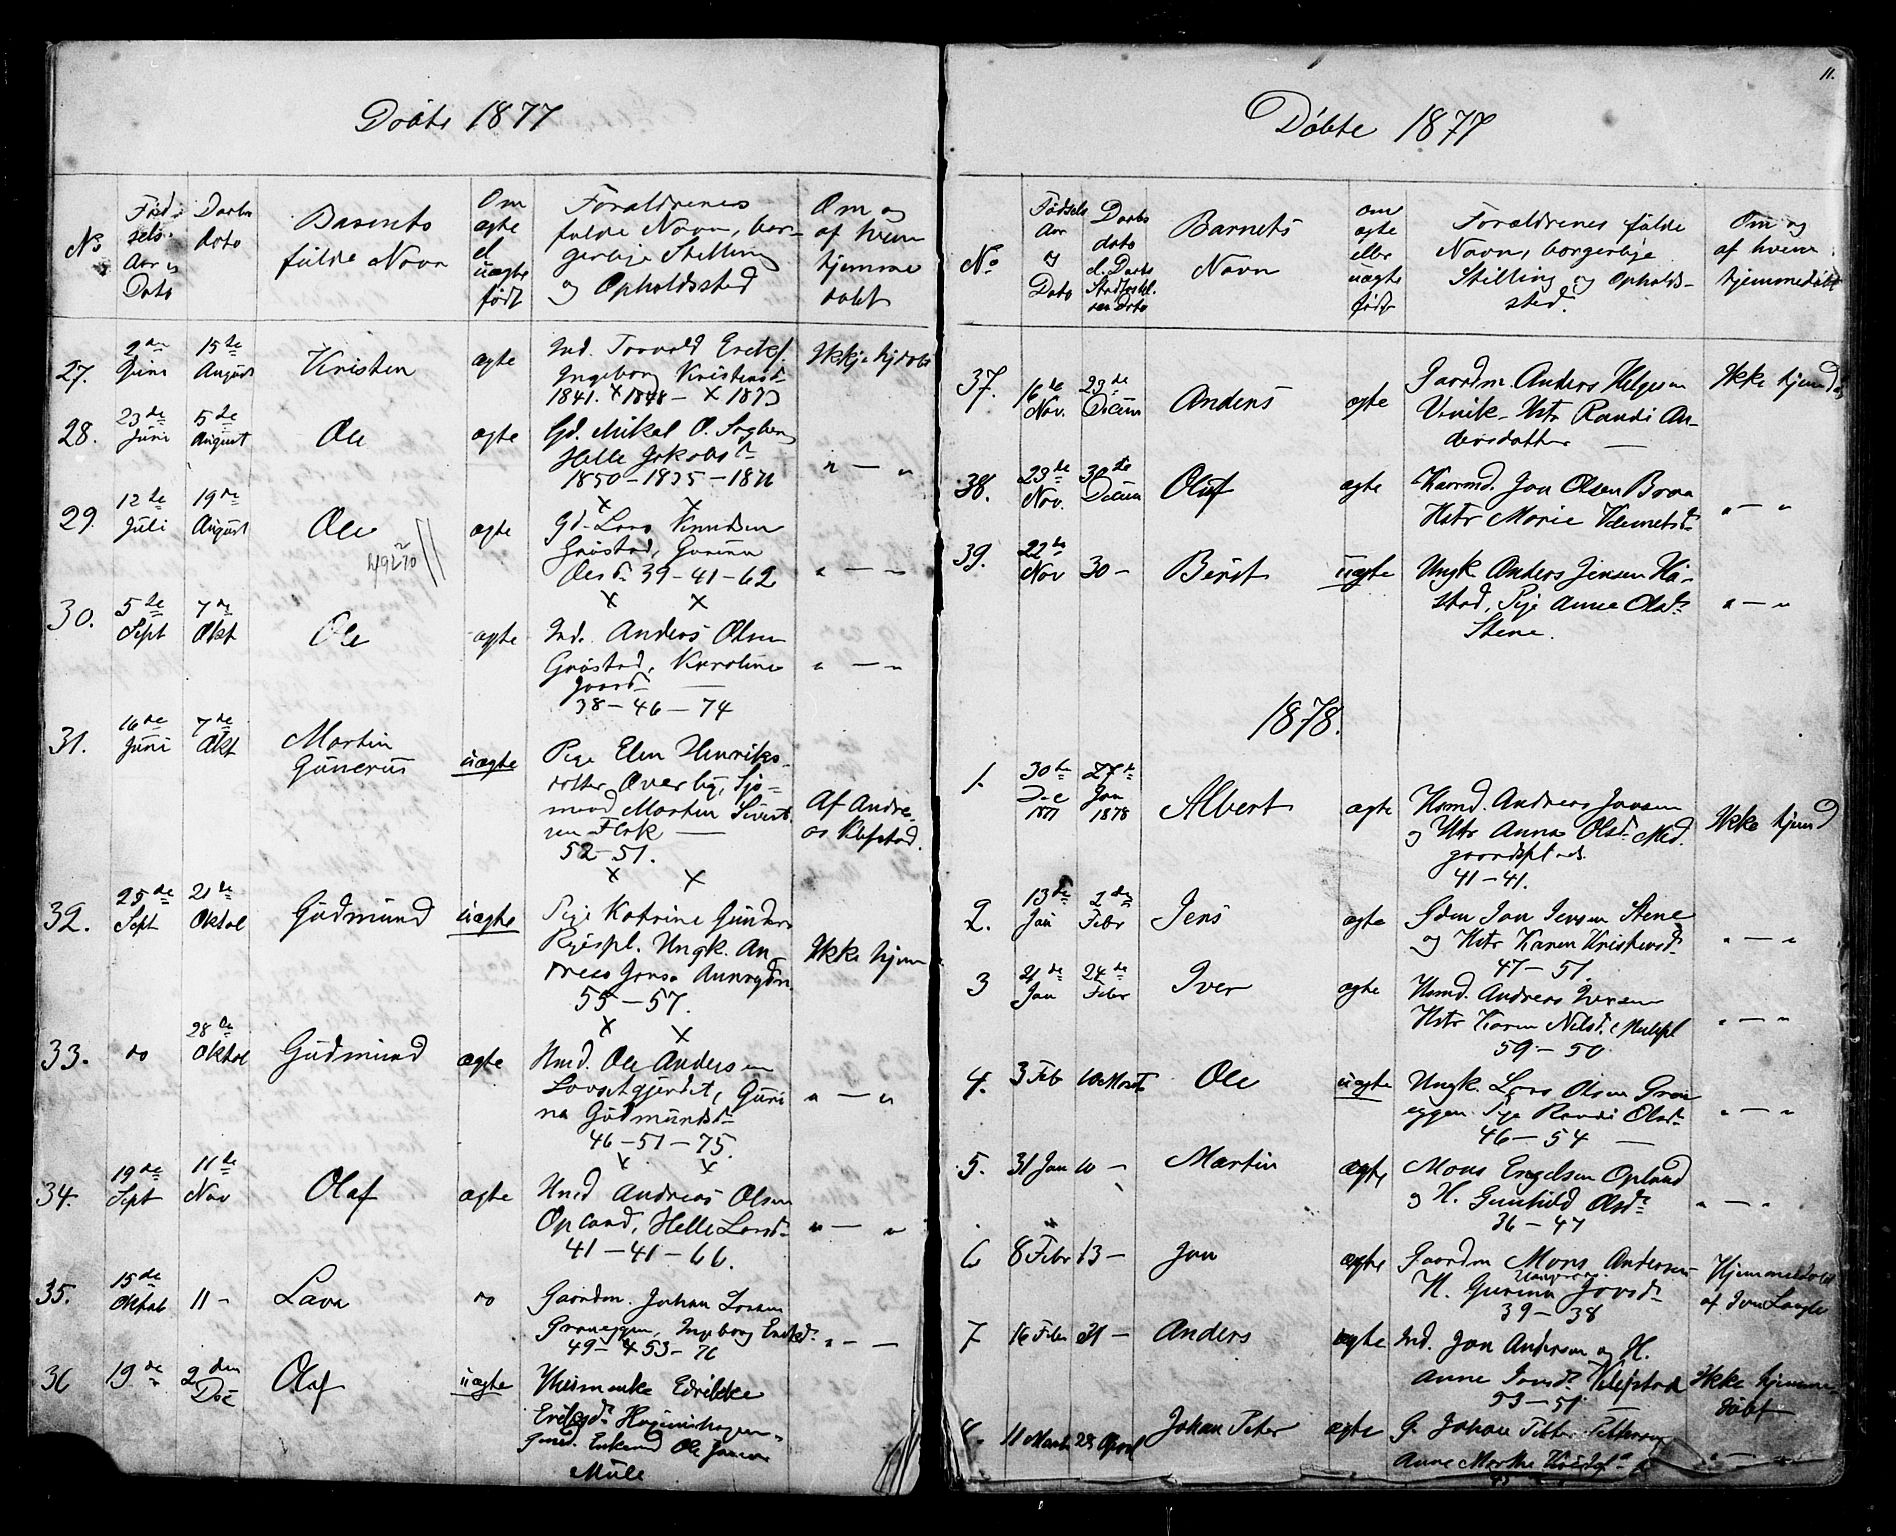 SAT, Ministerialprotokoller, klokkerbøker og fødselsregistre - Sør-Trøndelag, 612/L0387: Klokkerbok nr. 612C03, 1874-1908, s. 11